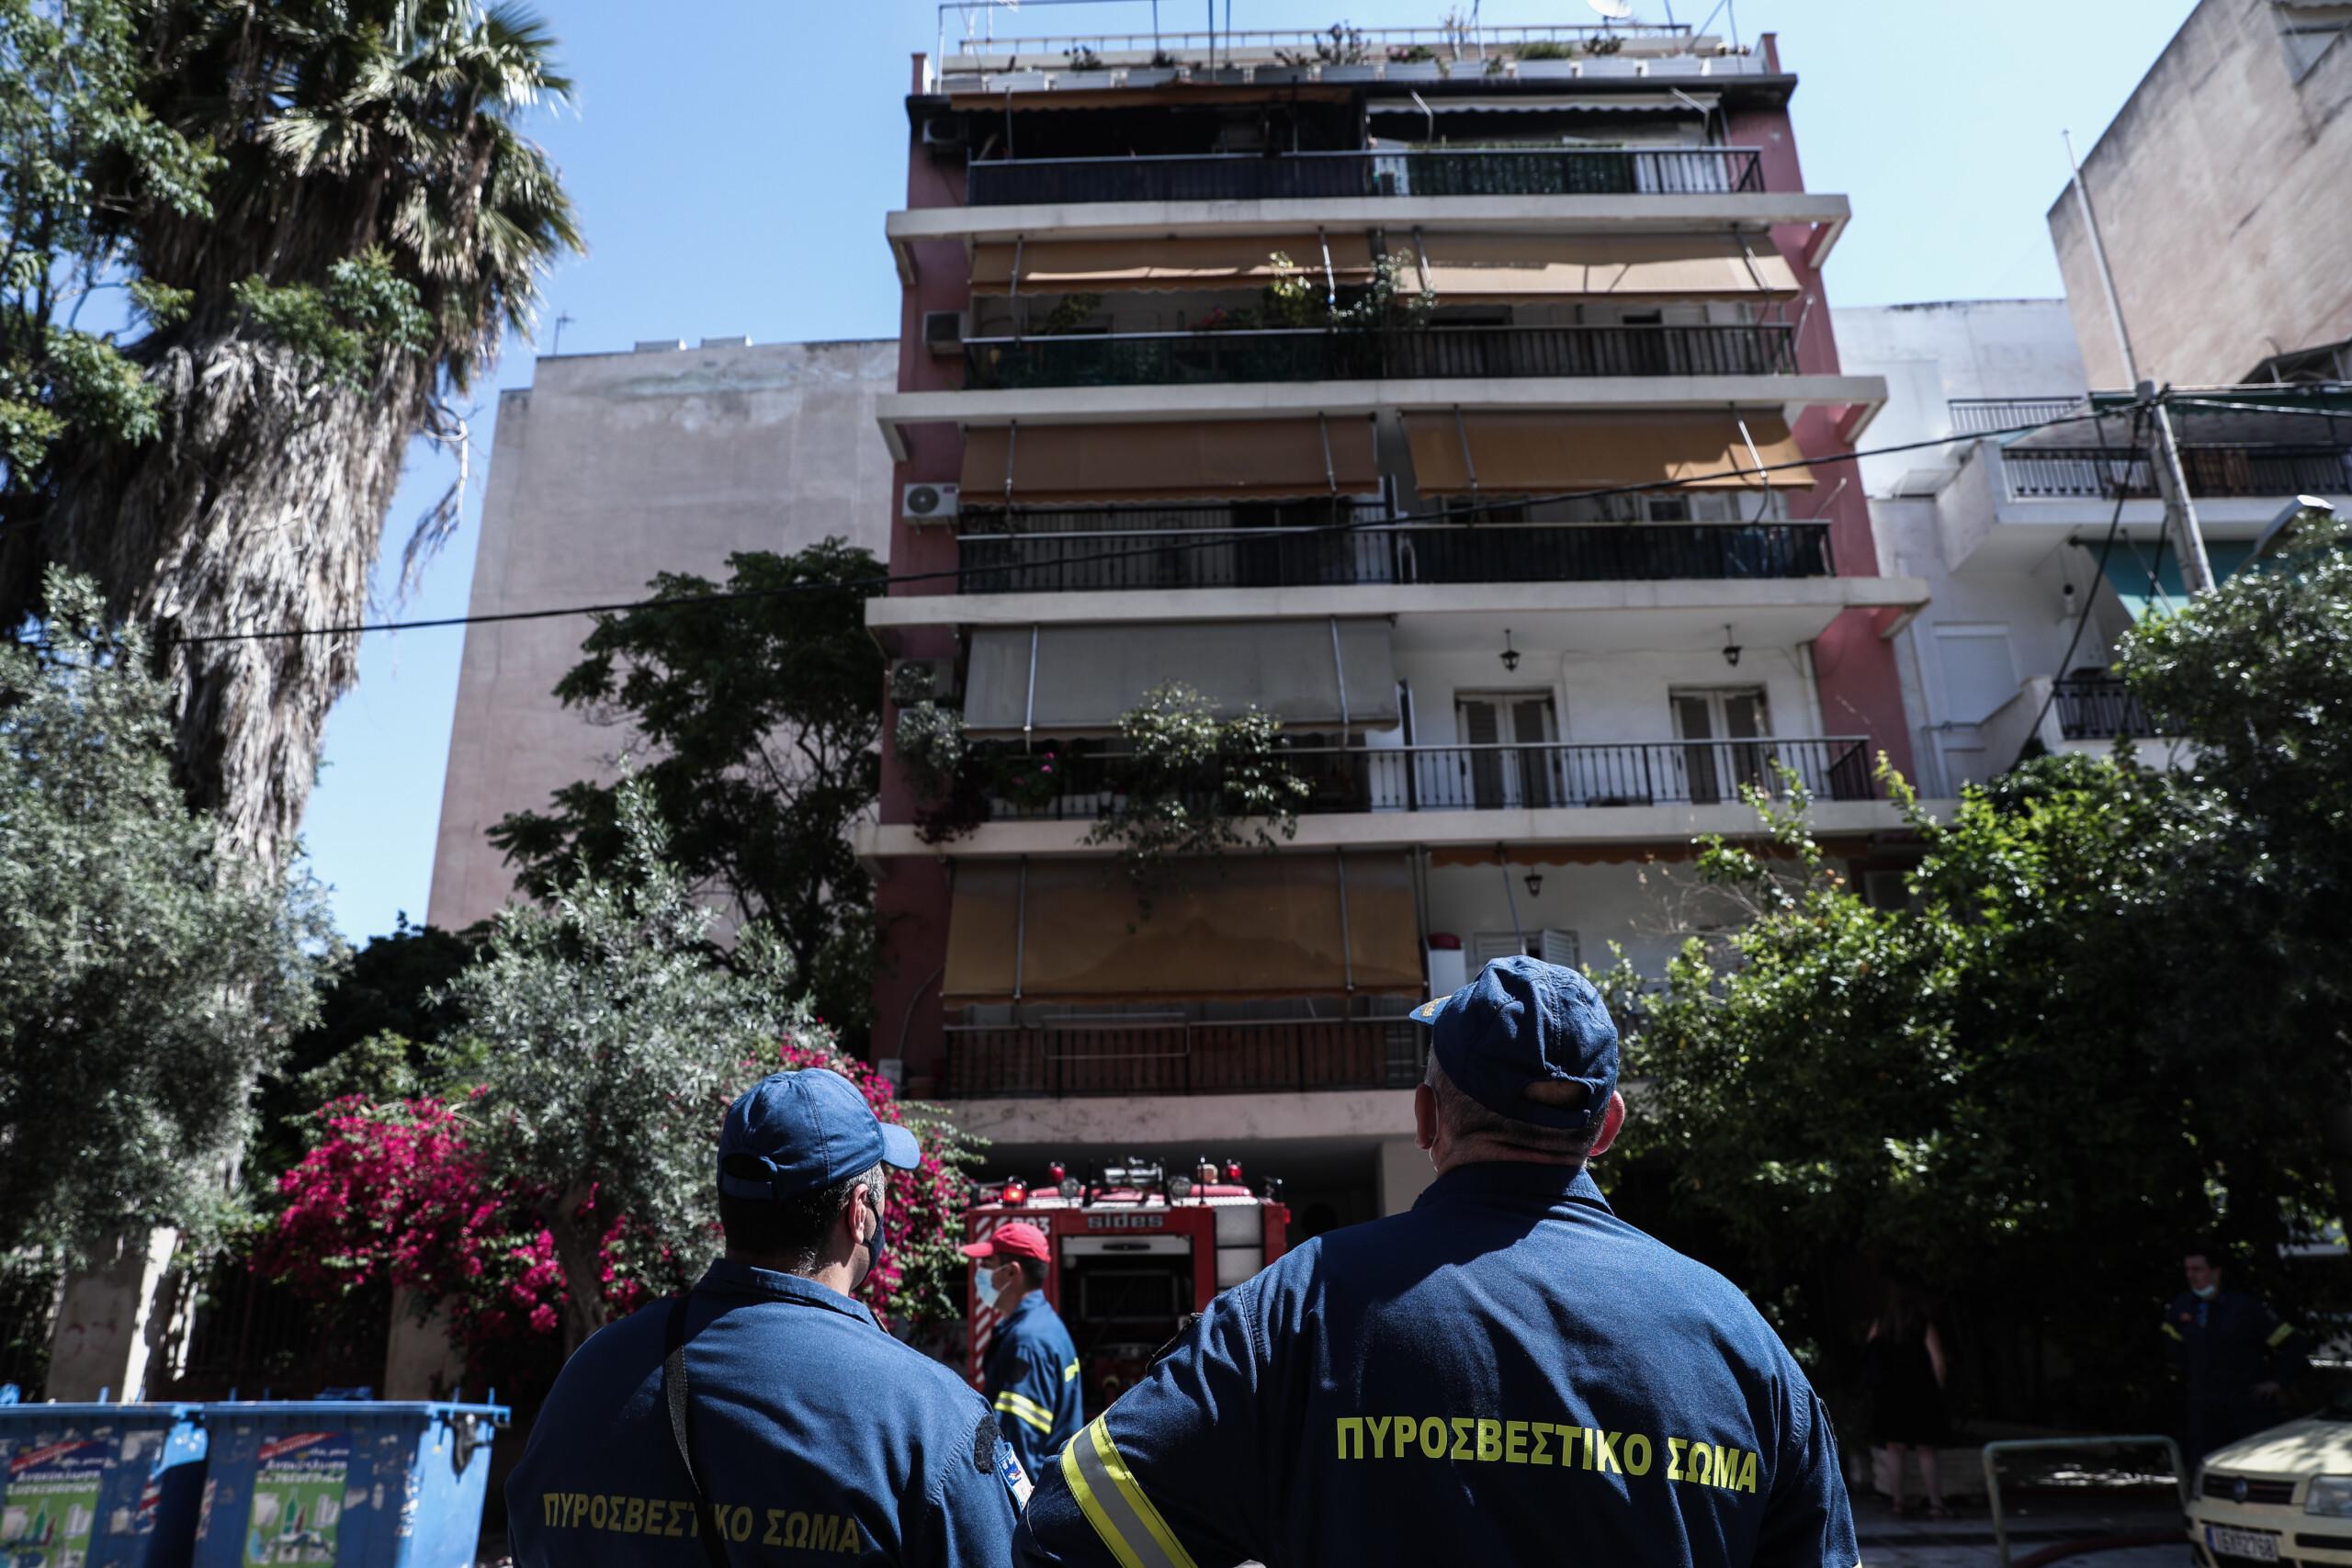 Πυρκαγιά σε διαμέρισμα στην Καλλιθέα: Απεγκλωβίστηκαν ένοικοι της πολυκατοικίας – ΦΩΤΟ